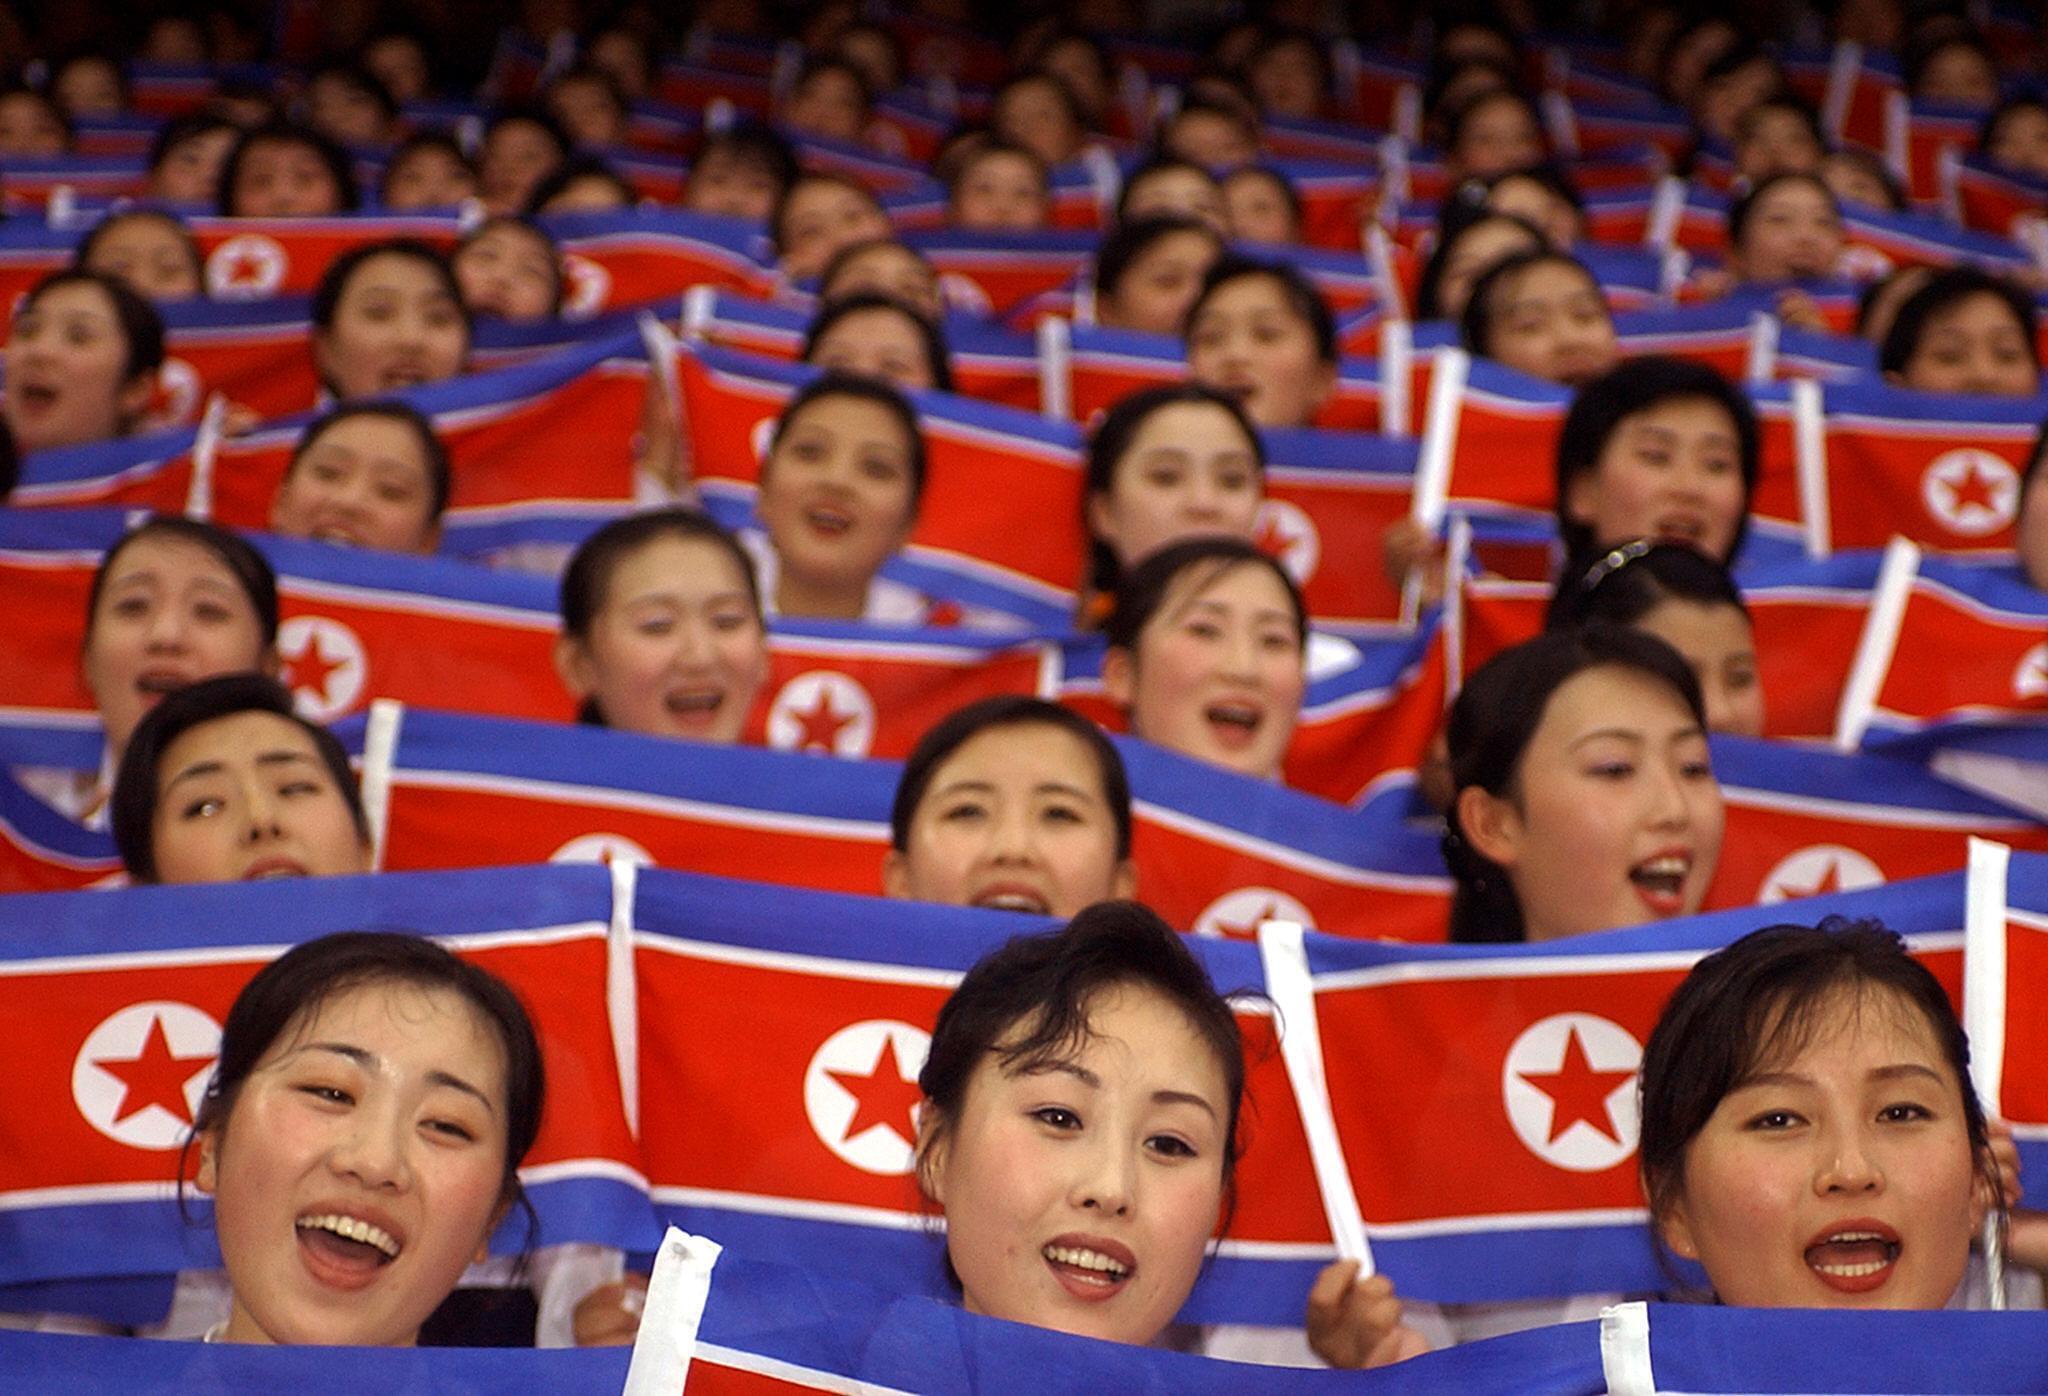 Les célèbres pom-pom girls nord-coréennes (ici en 2003), ambassadrices de charme du régime, seront donc aux JO d'hiver en Corée du Sud.